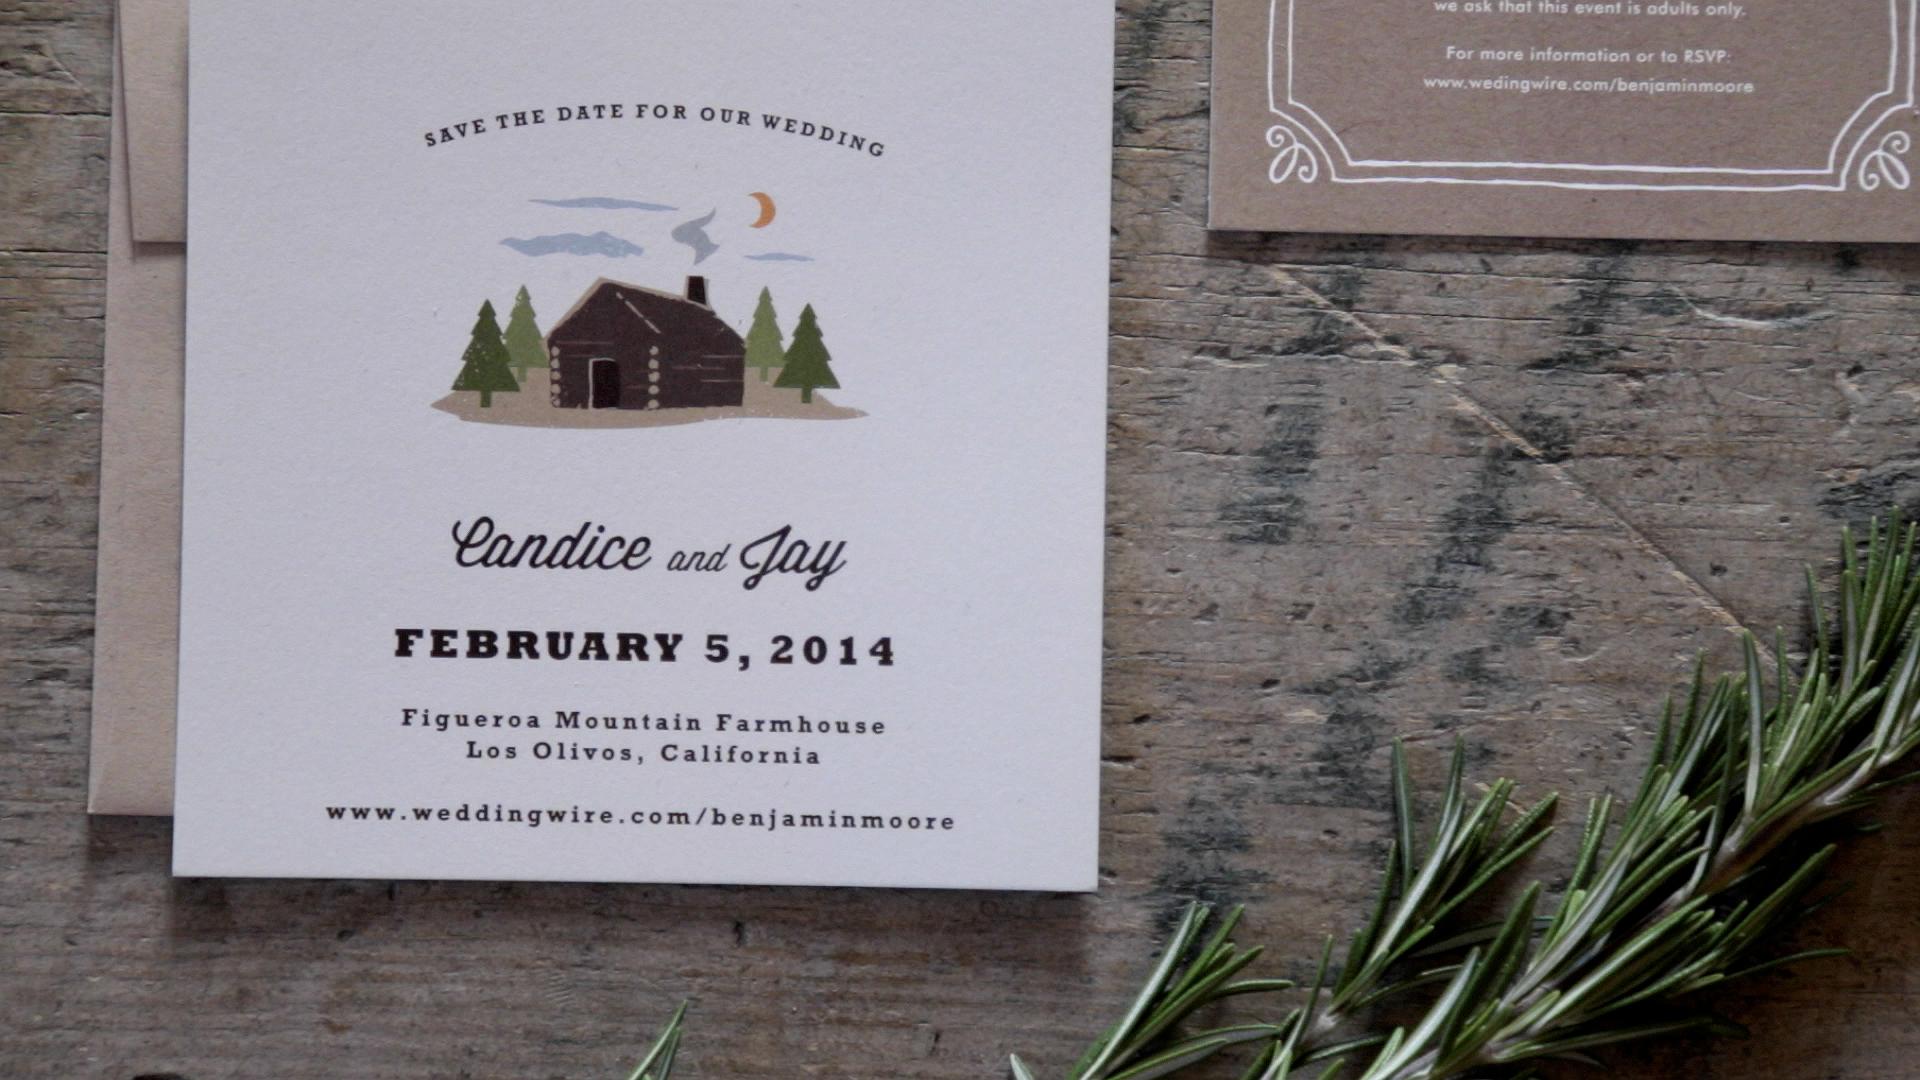 candicejay-invitation.jpg